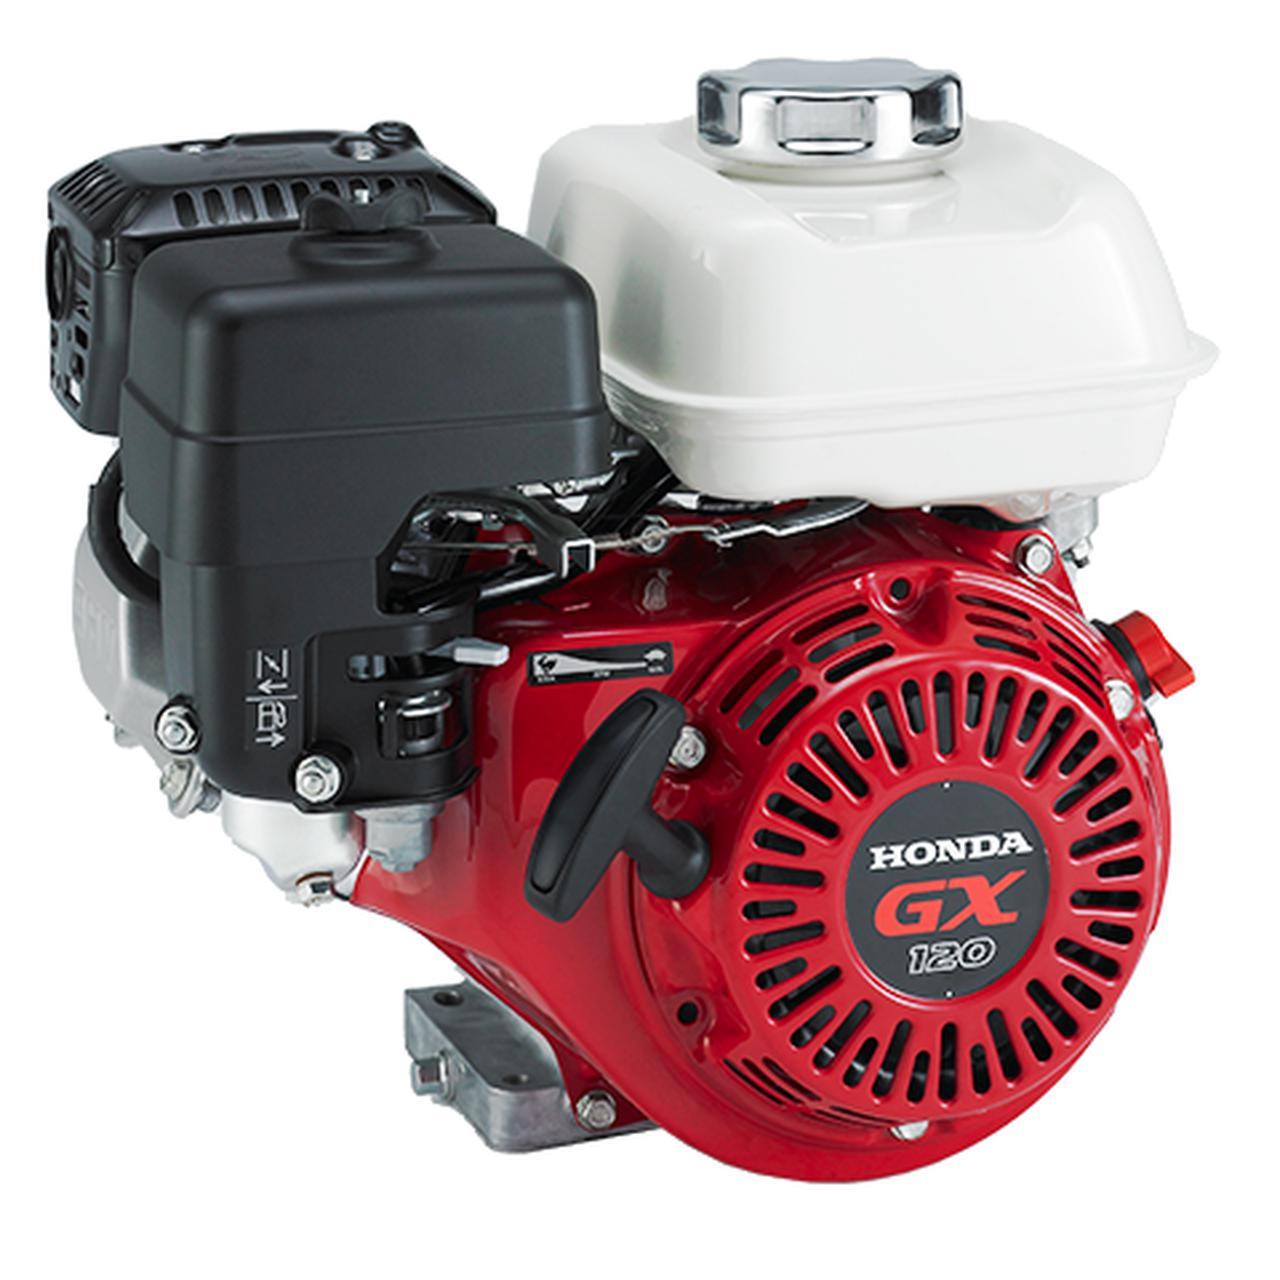 画像: ICEのホンダGX120。122ccの空冷4ストロークOHV単気筒を搭載し、定格出力2.4 kW、連続定格出力2.1 kWをともに3,600 rpmで発生します。重量は13.2 kgです。 www.honda.co.jp